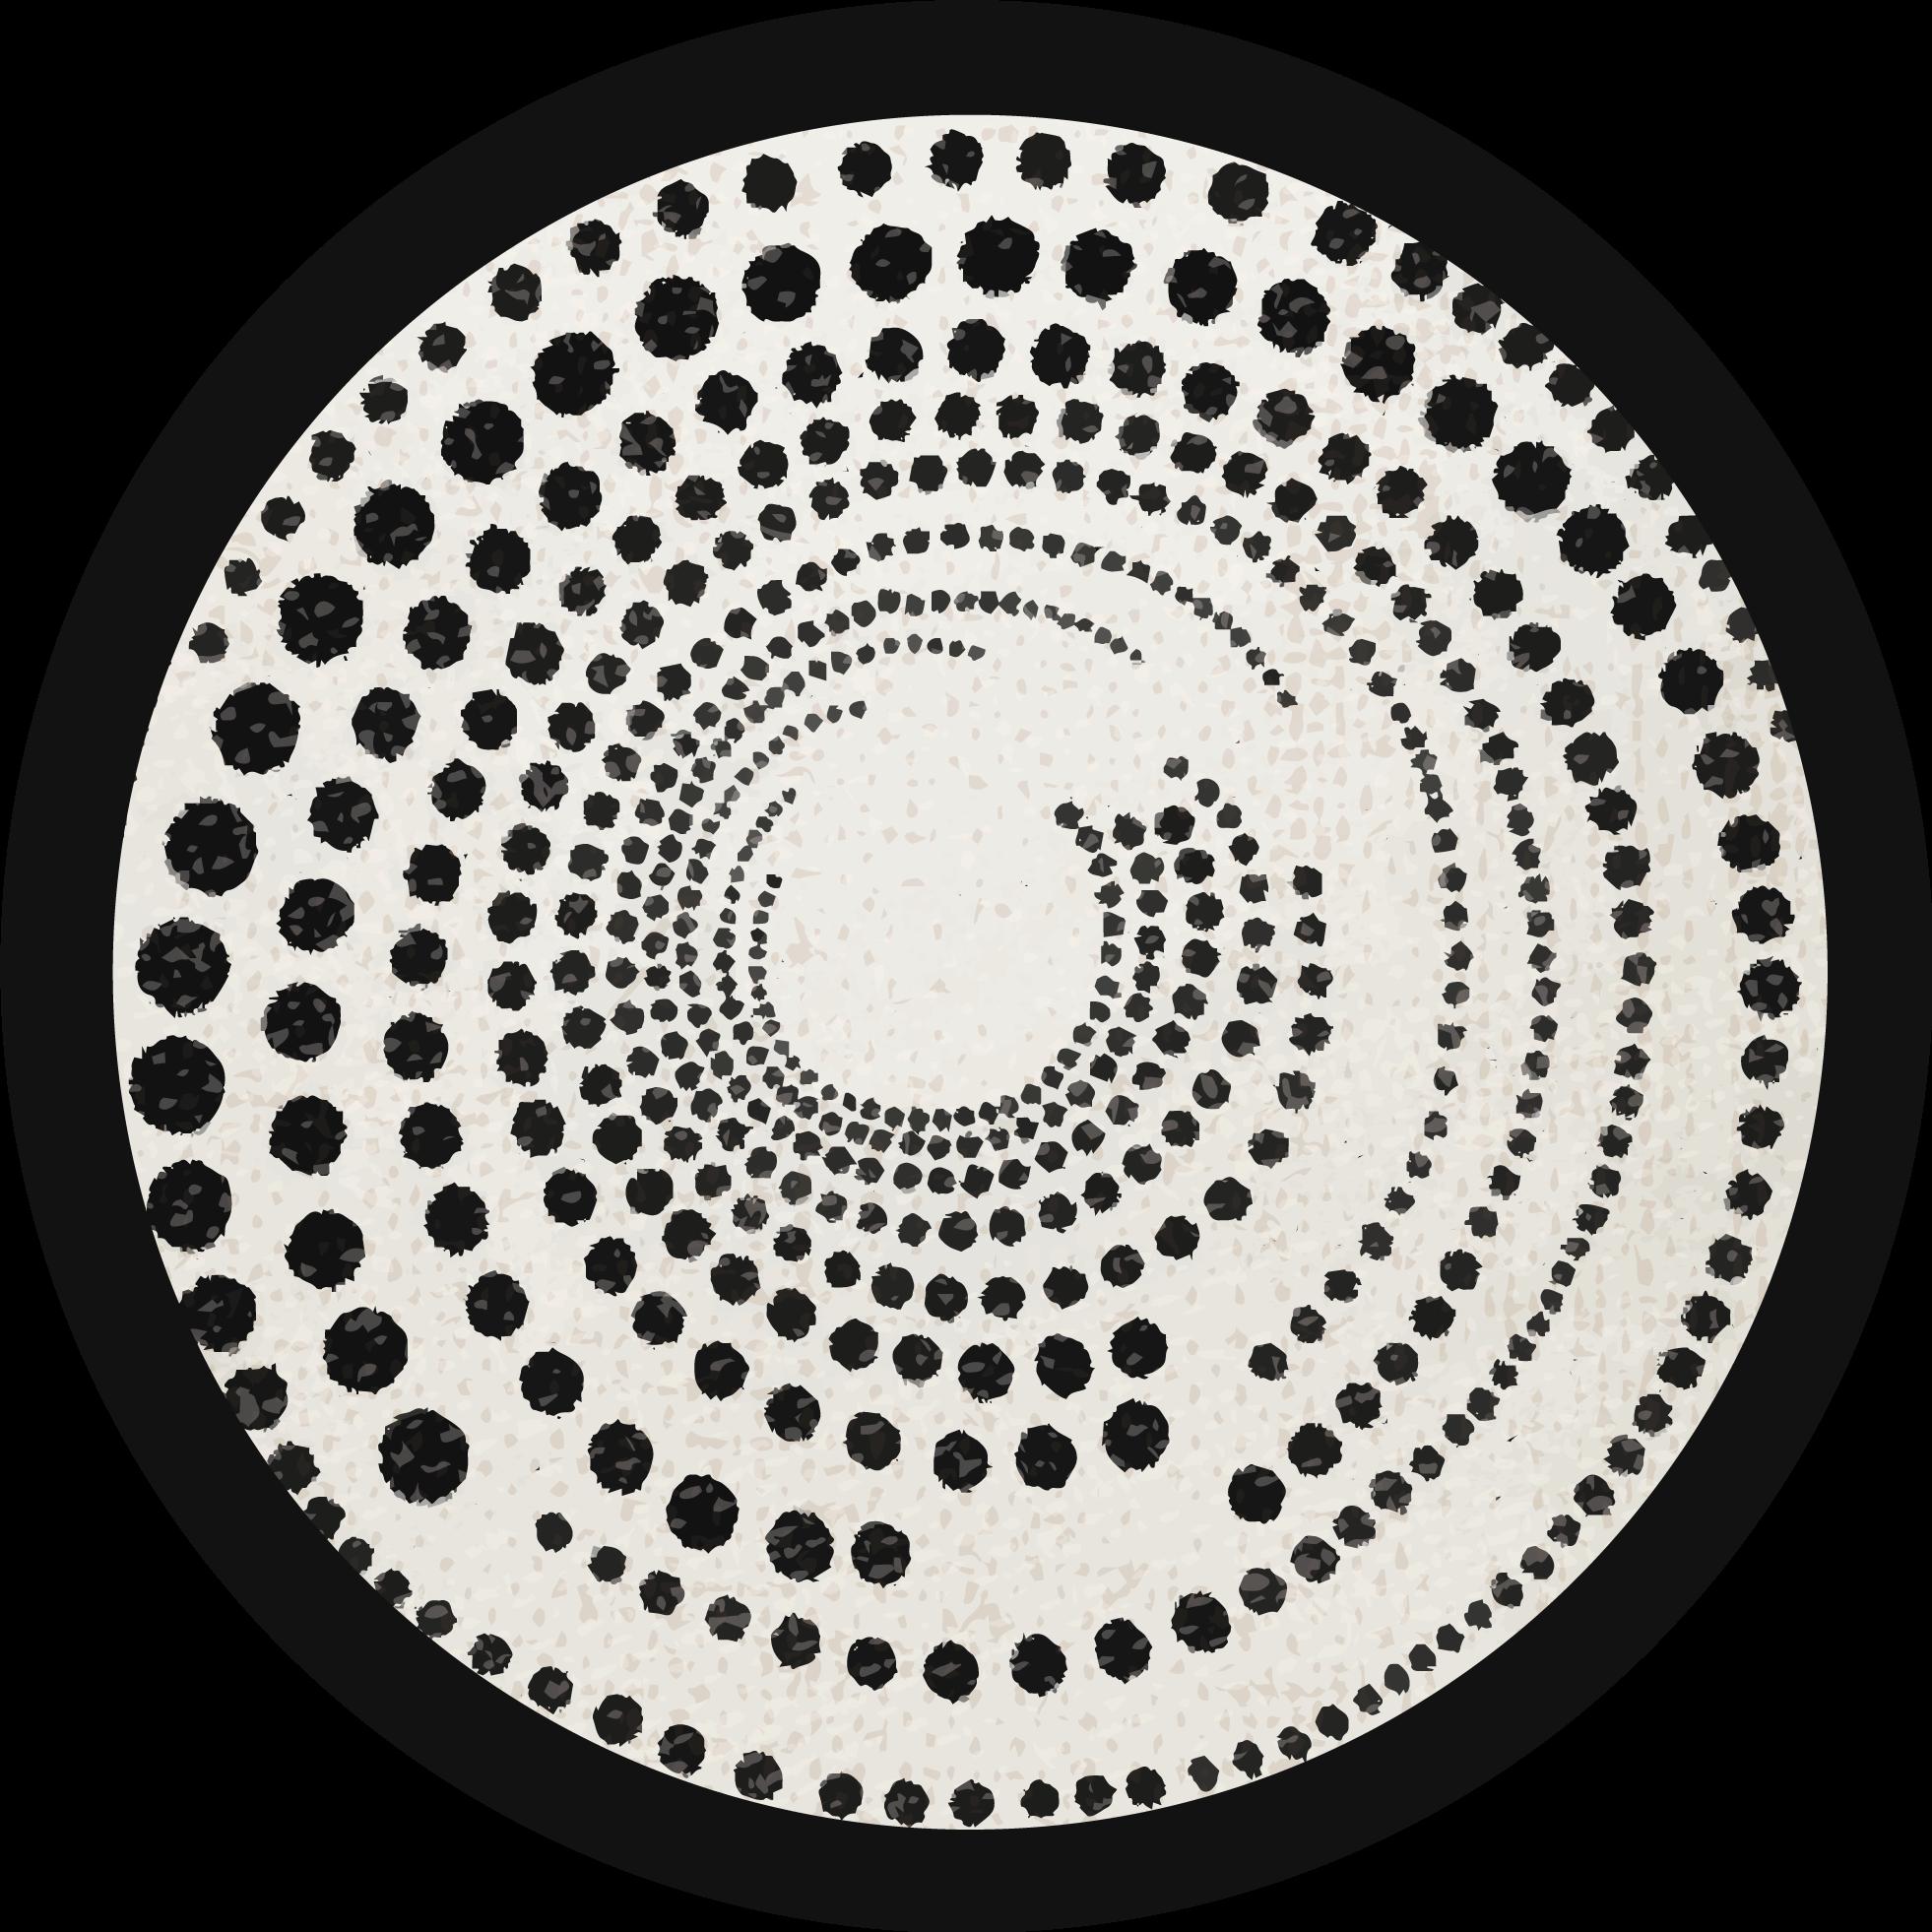 TenVinilo. Alfombra vinílica redonda lunares blanco y negro. Alfombra vinílica redonda con diseño de lunares para el suelo de su dormitorio. Adecuado también para decorar cualquier otro lugar de una casa